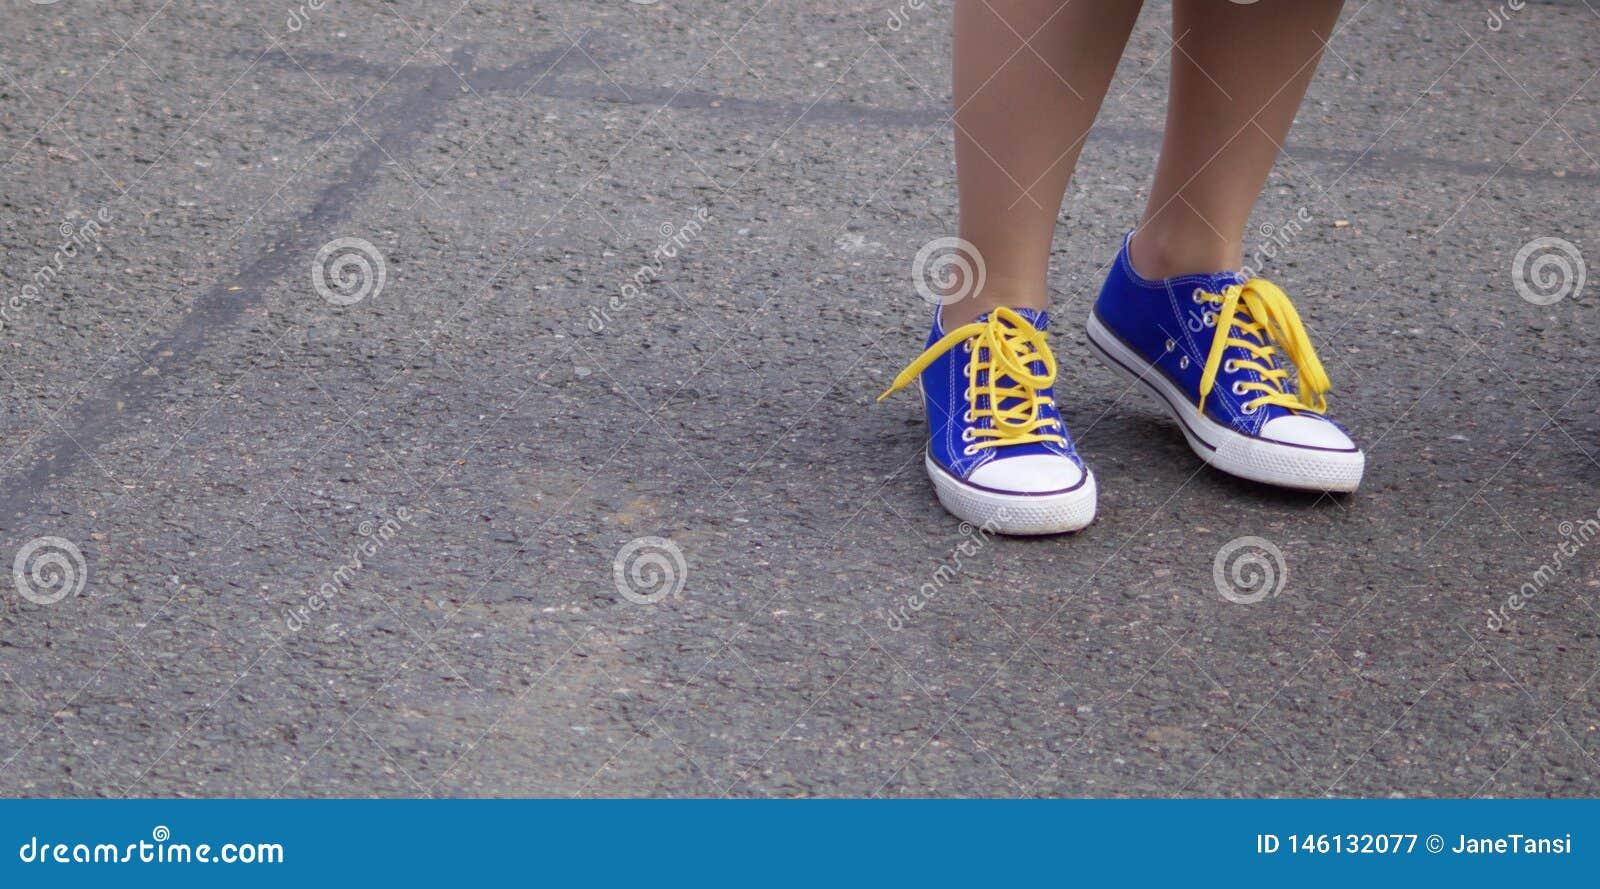 Enkels die van meisje blauwe sportenschoenen met geel kant dragen tegen grijze bestratingsachtergrondafbeelding